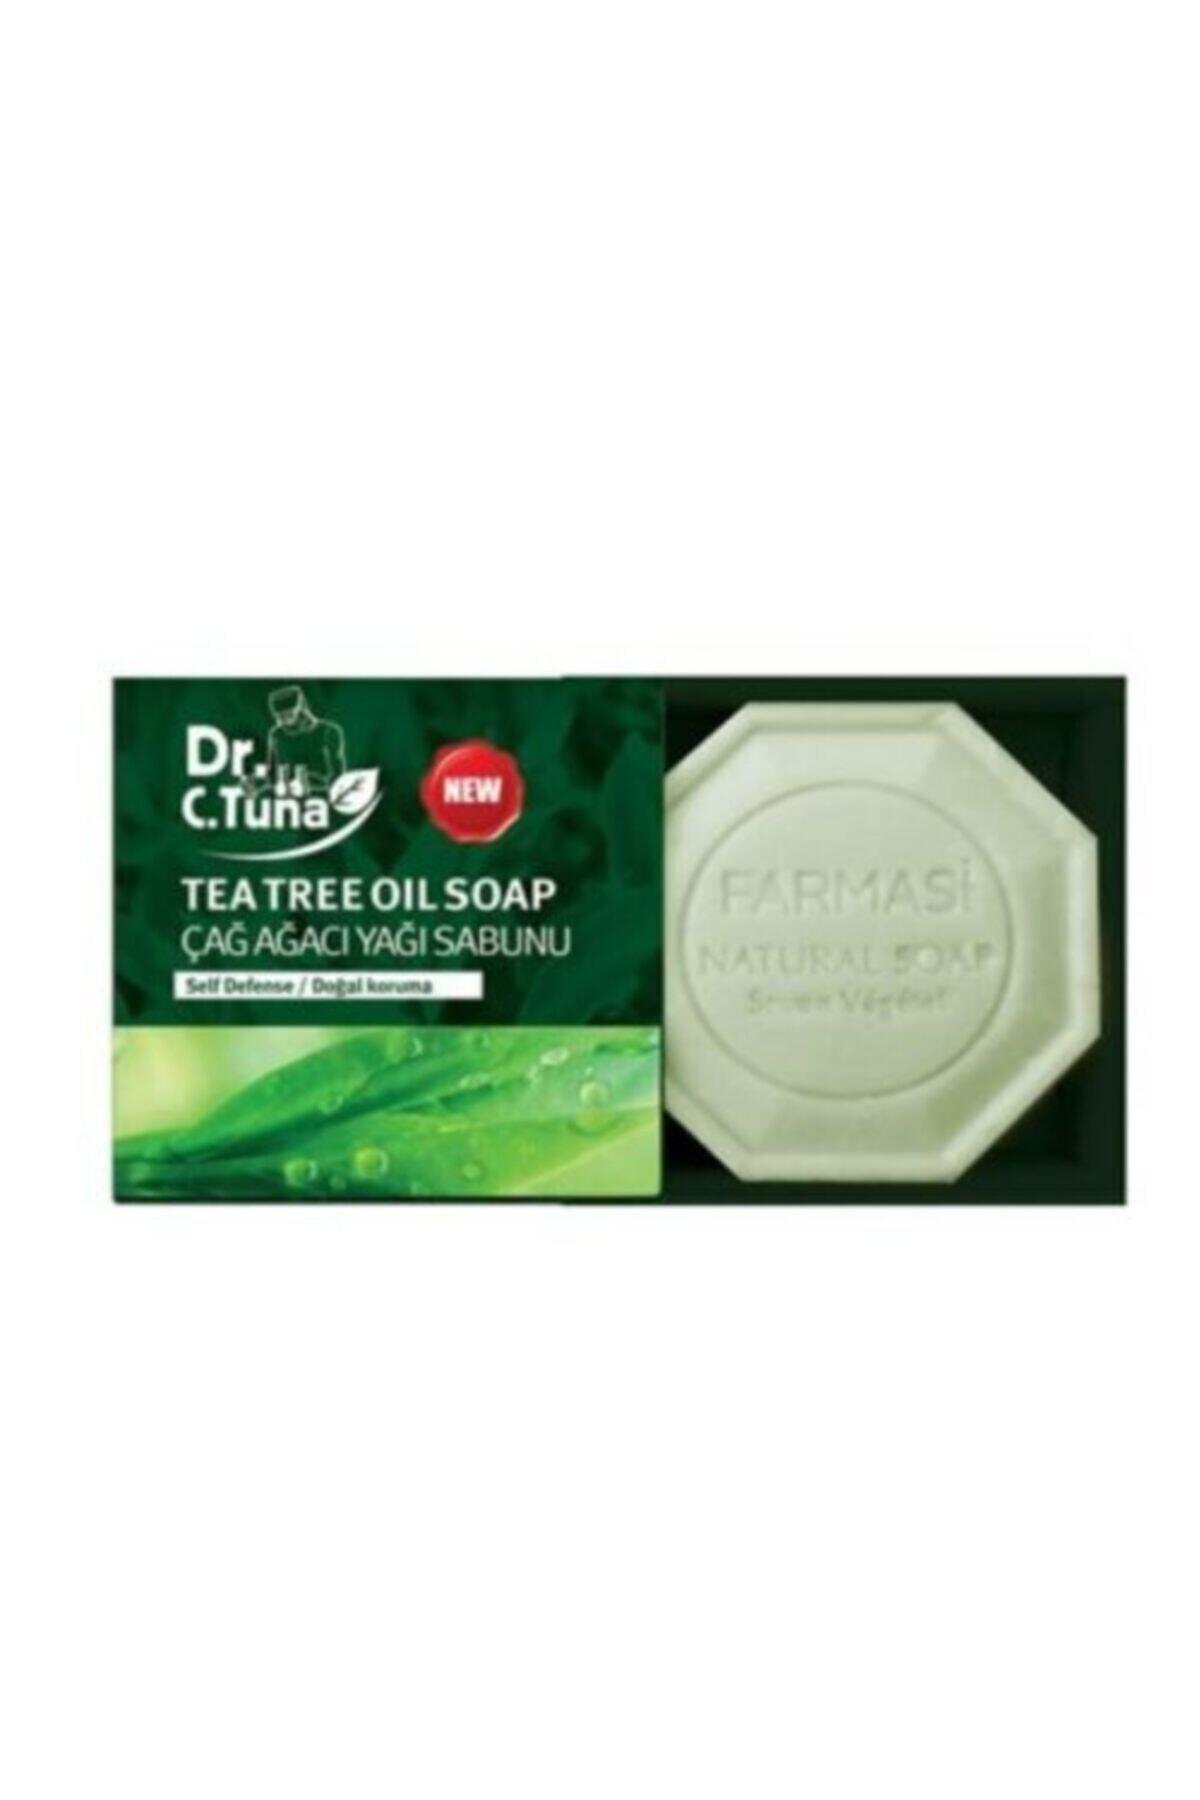 Tek Kozmetik Dr.c.tuna Çay Ağacı Yağı Sabunu 1